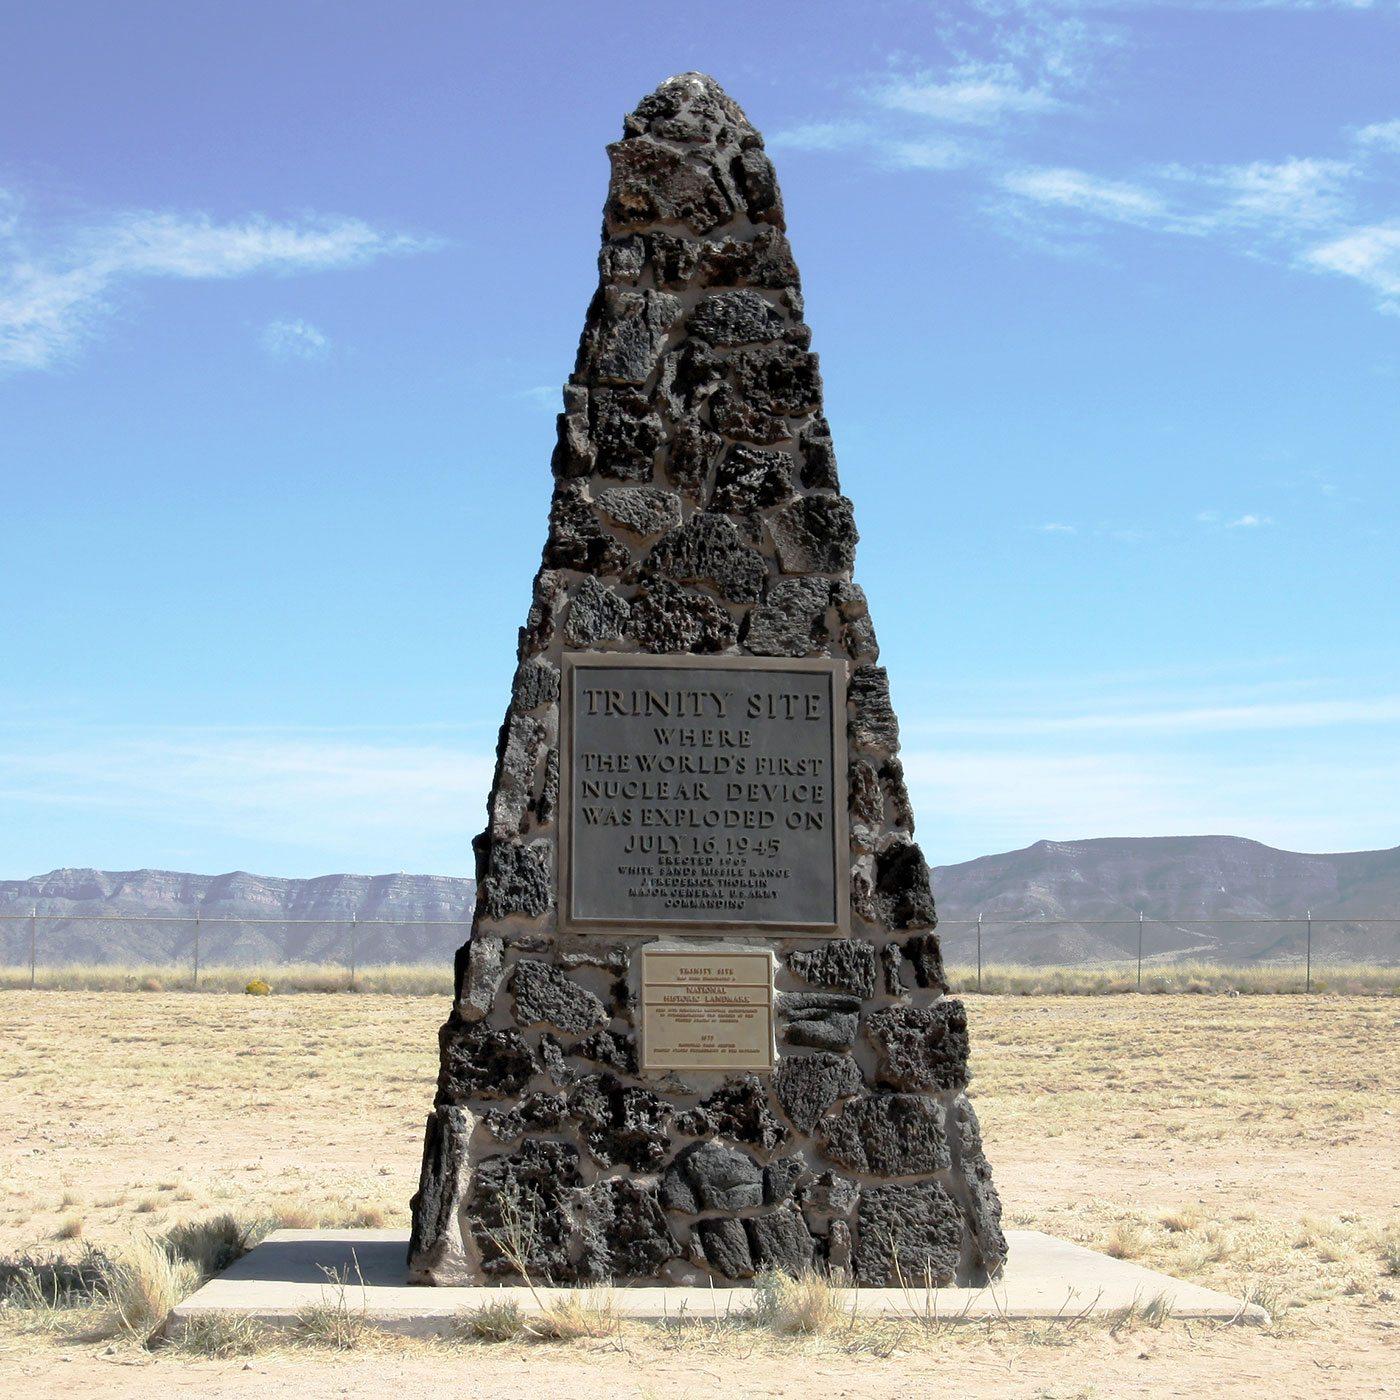 The obelisk marking ground zero. Image courtesy trinityremembered.com